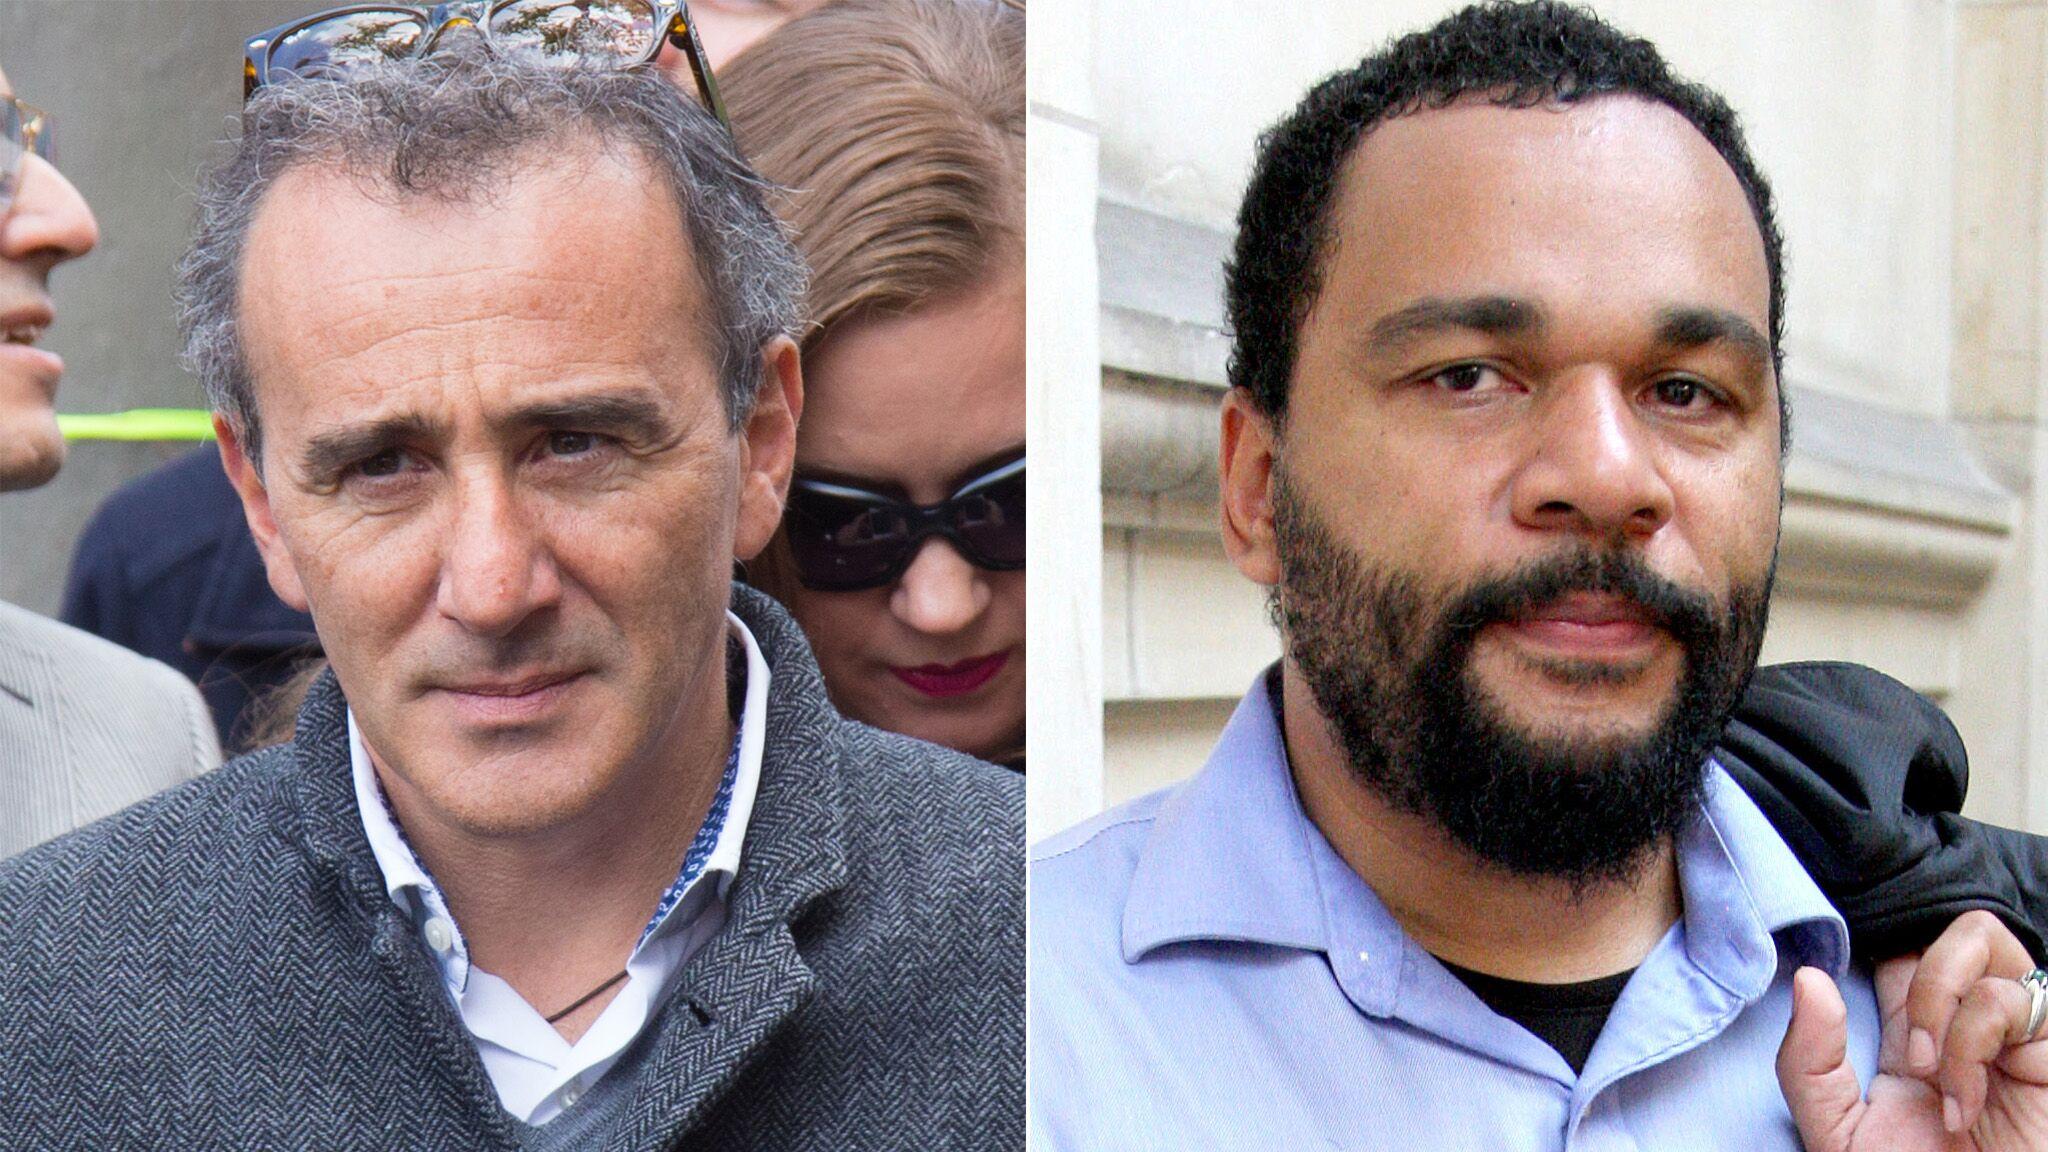 Elie Semoun Raconte Son Dernier Coup De Fil Tendu Avec Dieudonne Voici